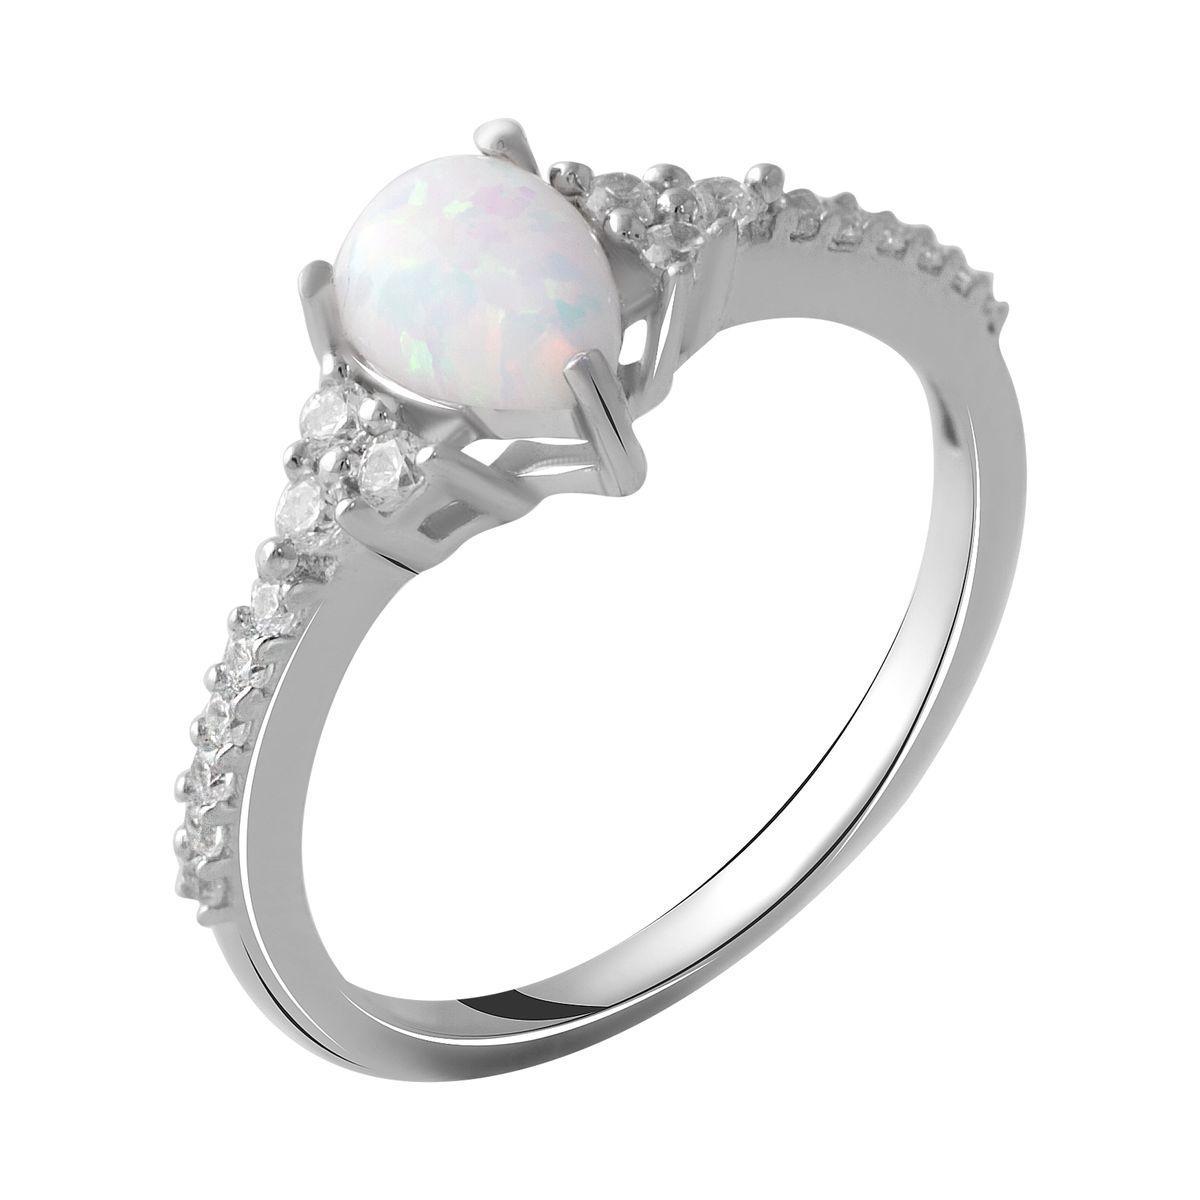 Серебряное кольцо DreamJewelry с опалом 0.89ct (2050001) 17.5 размер